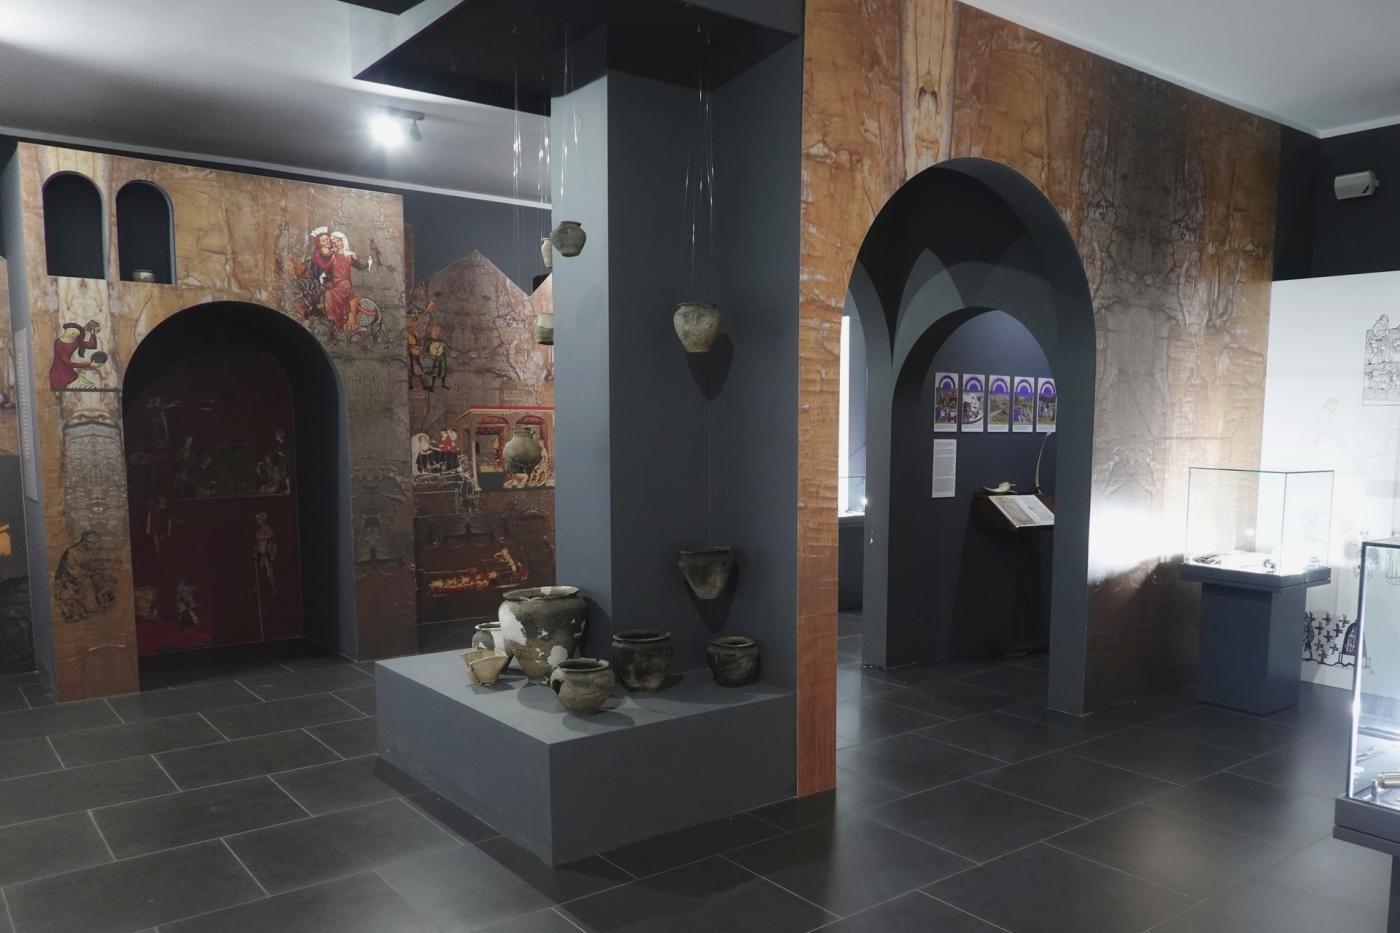 szlak piastowski atrakcje - wystawa w Rezerwacie w Gieczu